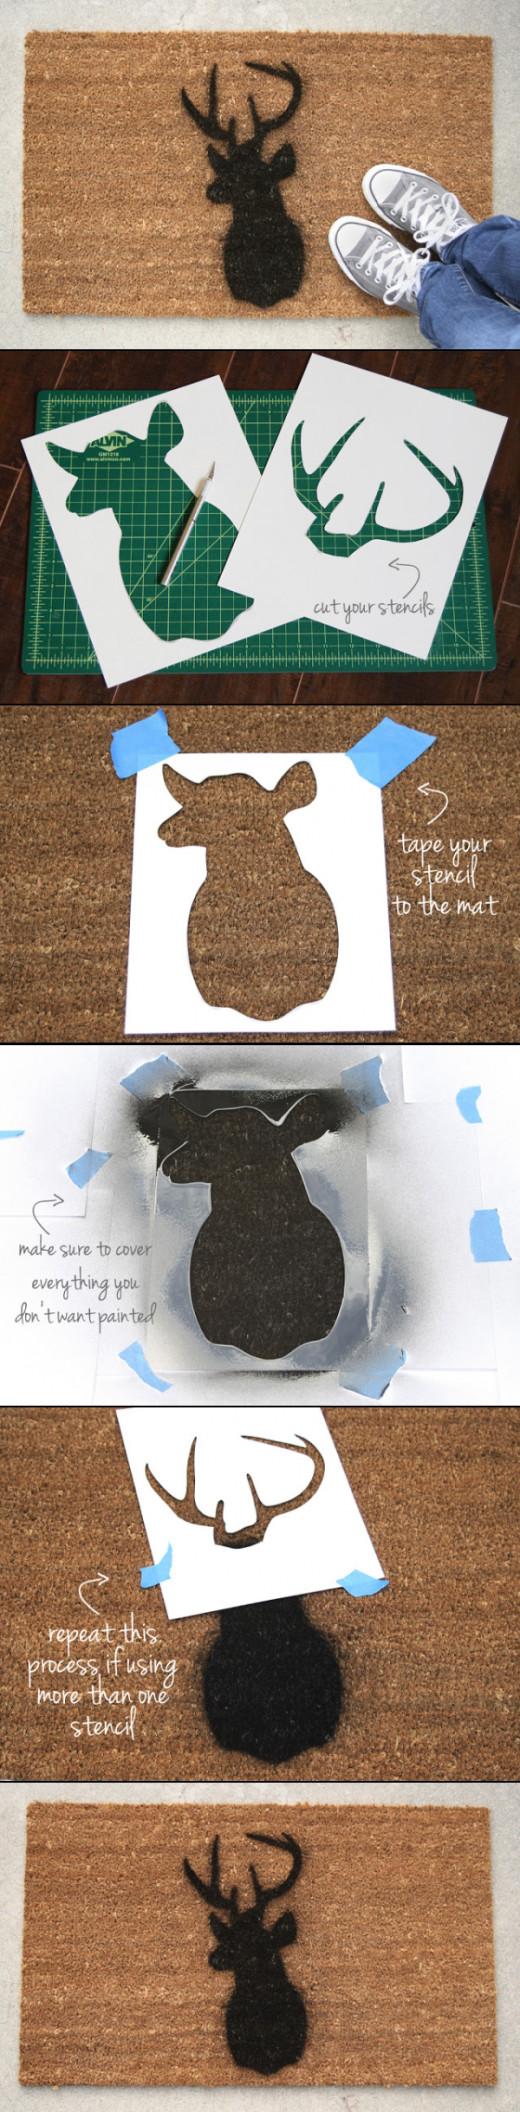 DIY Sillhouette Doormat